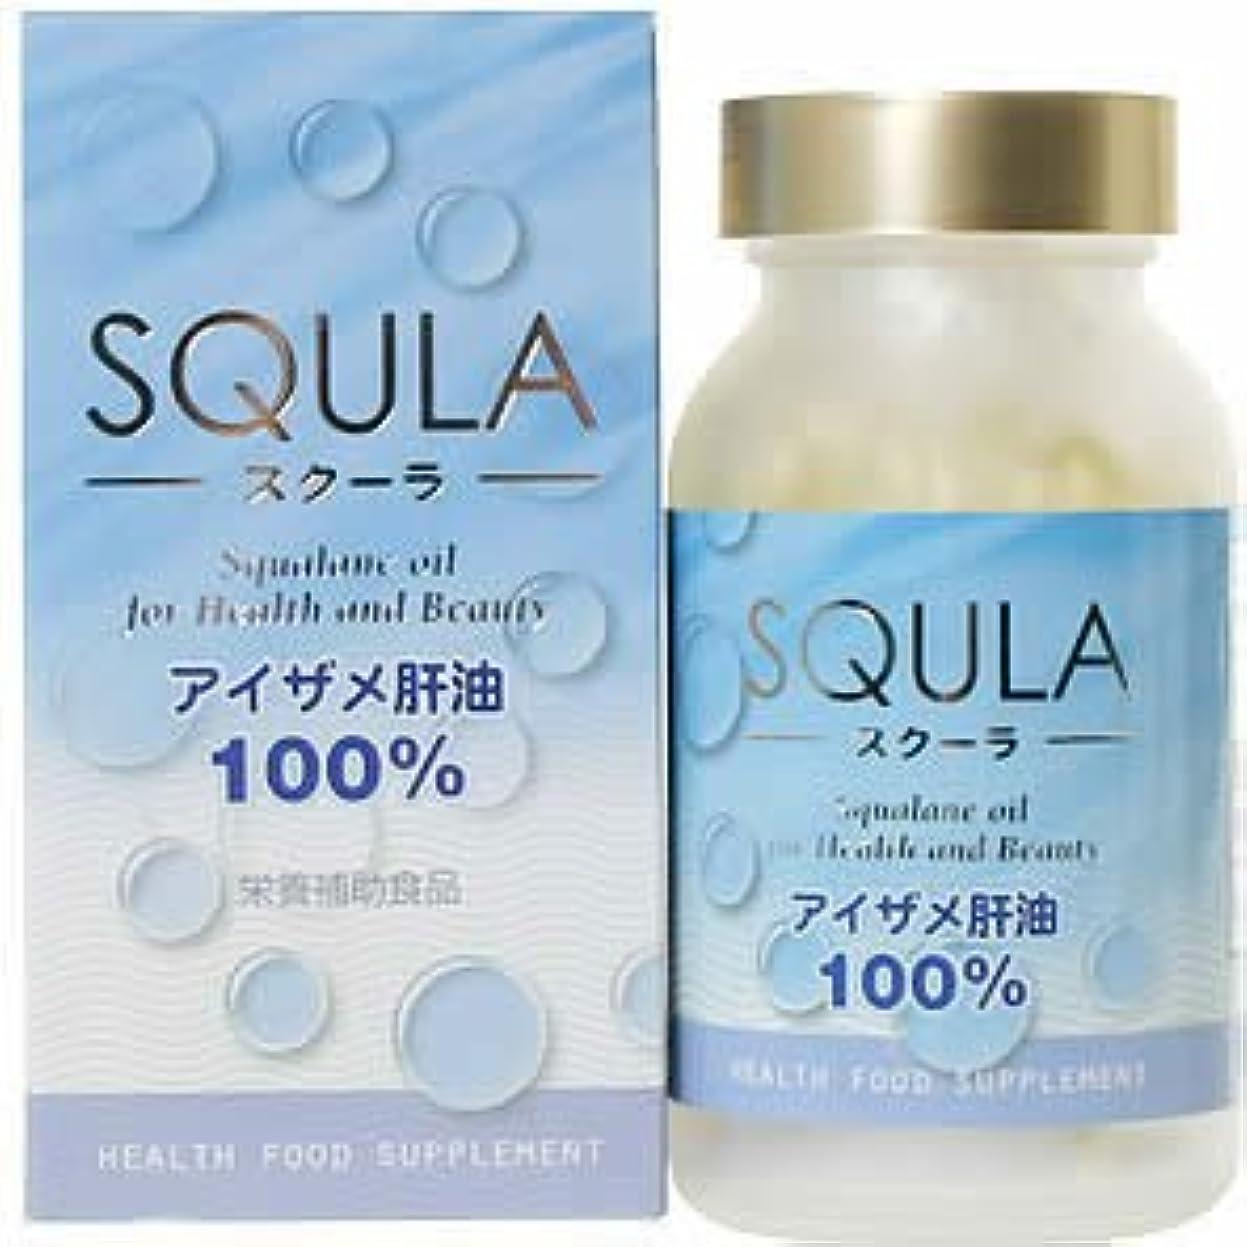 リンス疎外する薬剤師京都栄養 スクーラ アイザメ肝油 180粒